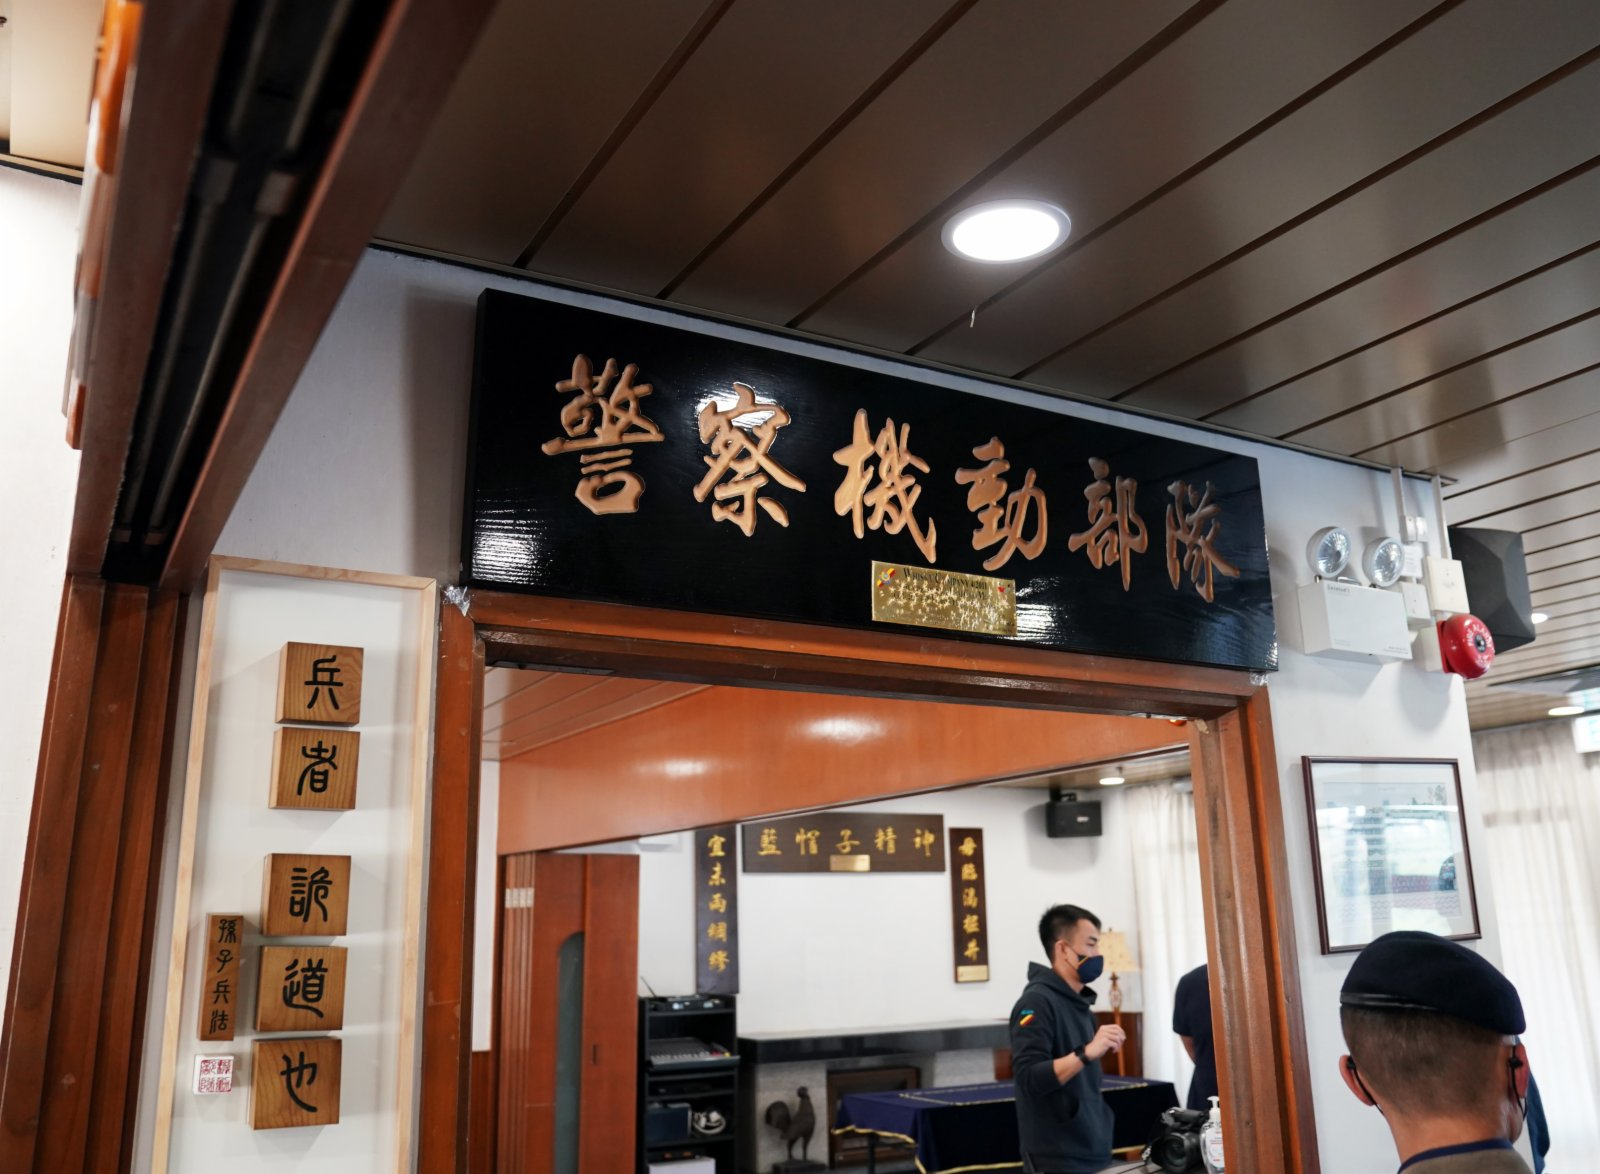 香港警務處警察機動部隊總部。(新華社)